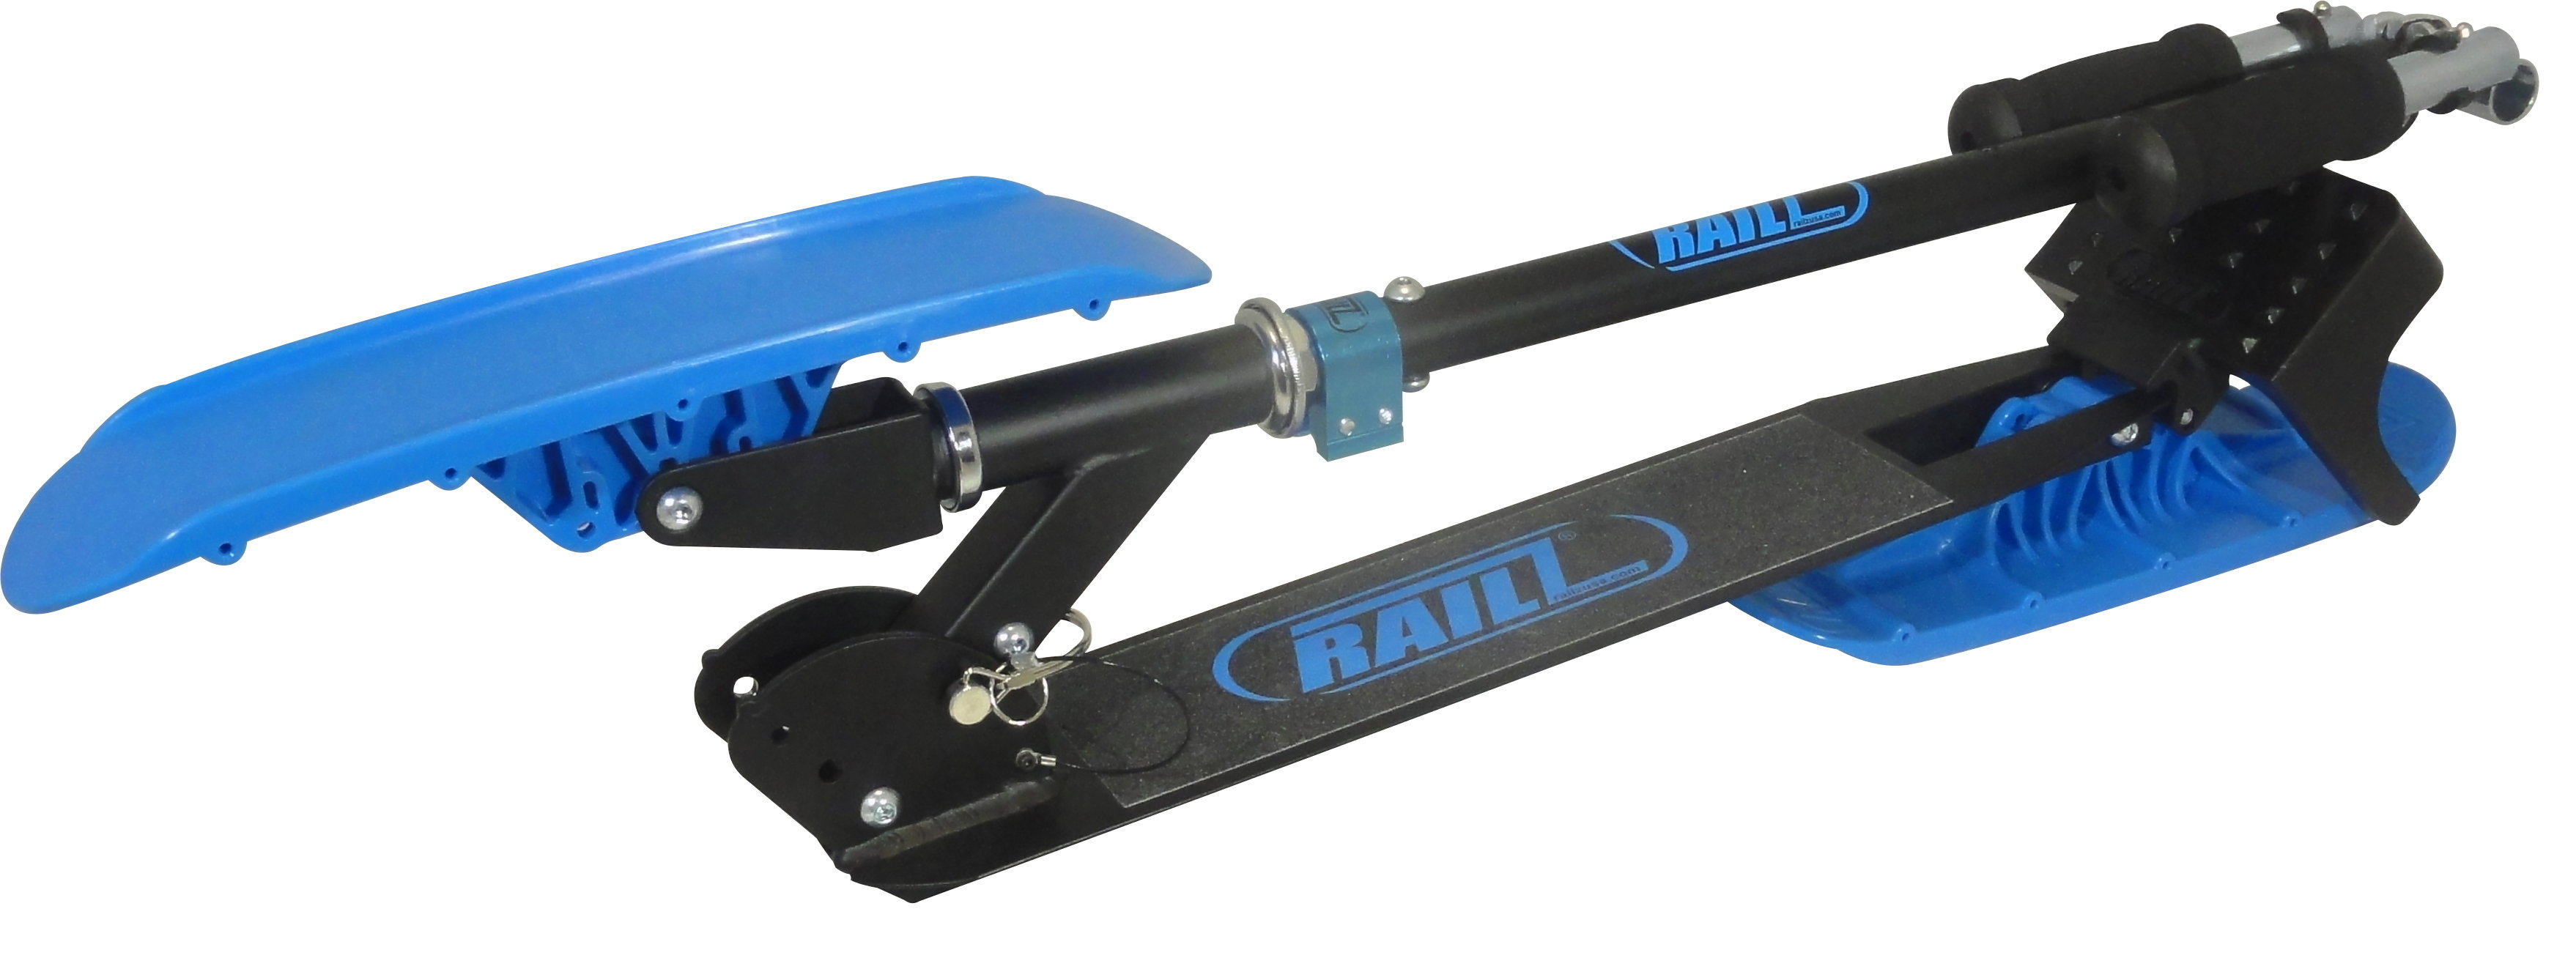 RAILZ Next-Gen SnowScooter - Blue